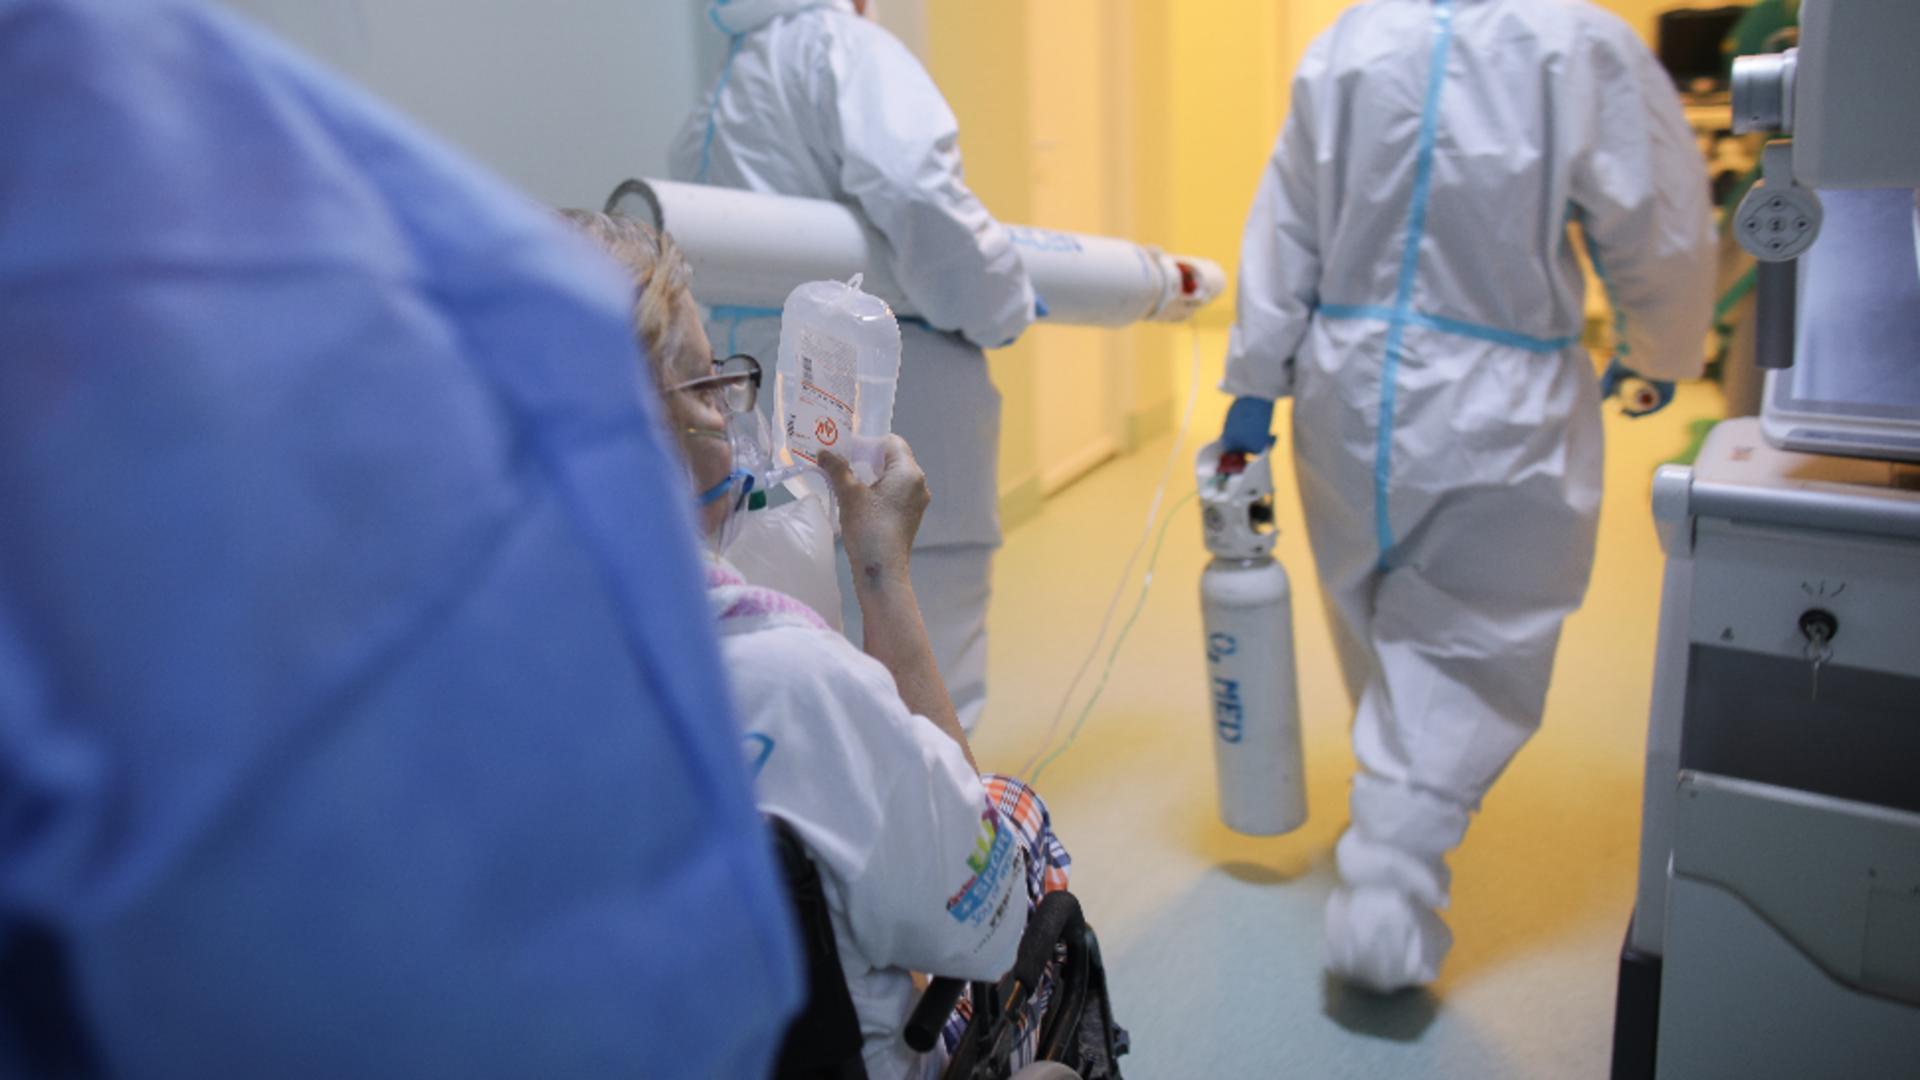 România, ajutată de Comisia Europeană în criza sanitară – Noi medicamente pentru Covid vor fi trimise în țară